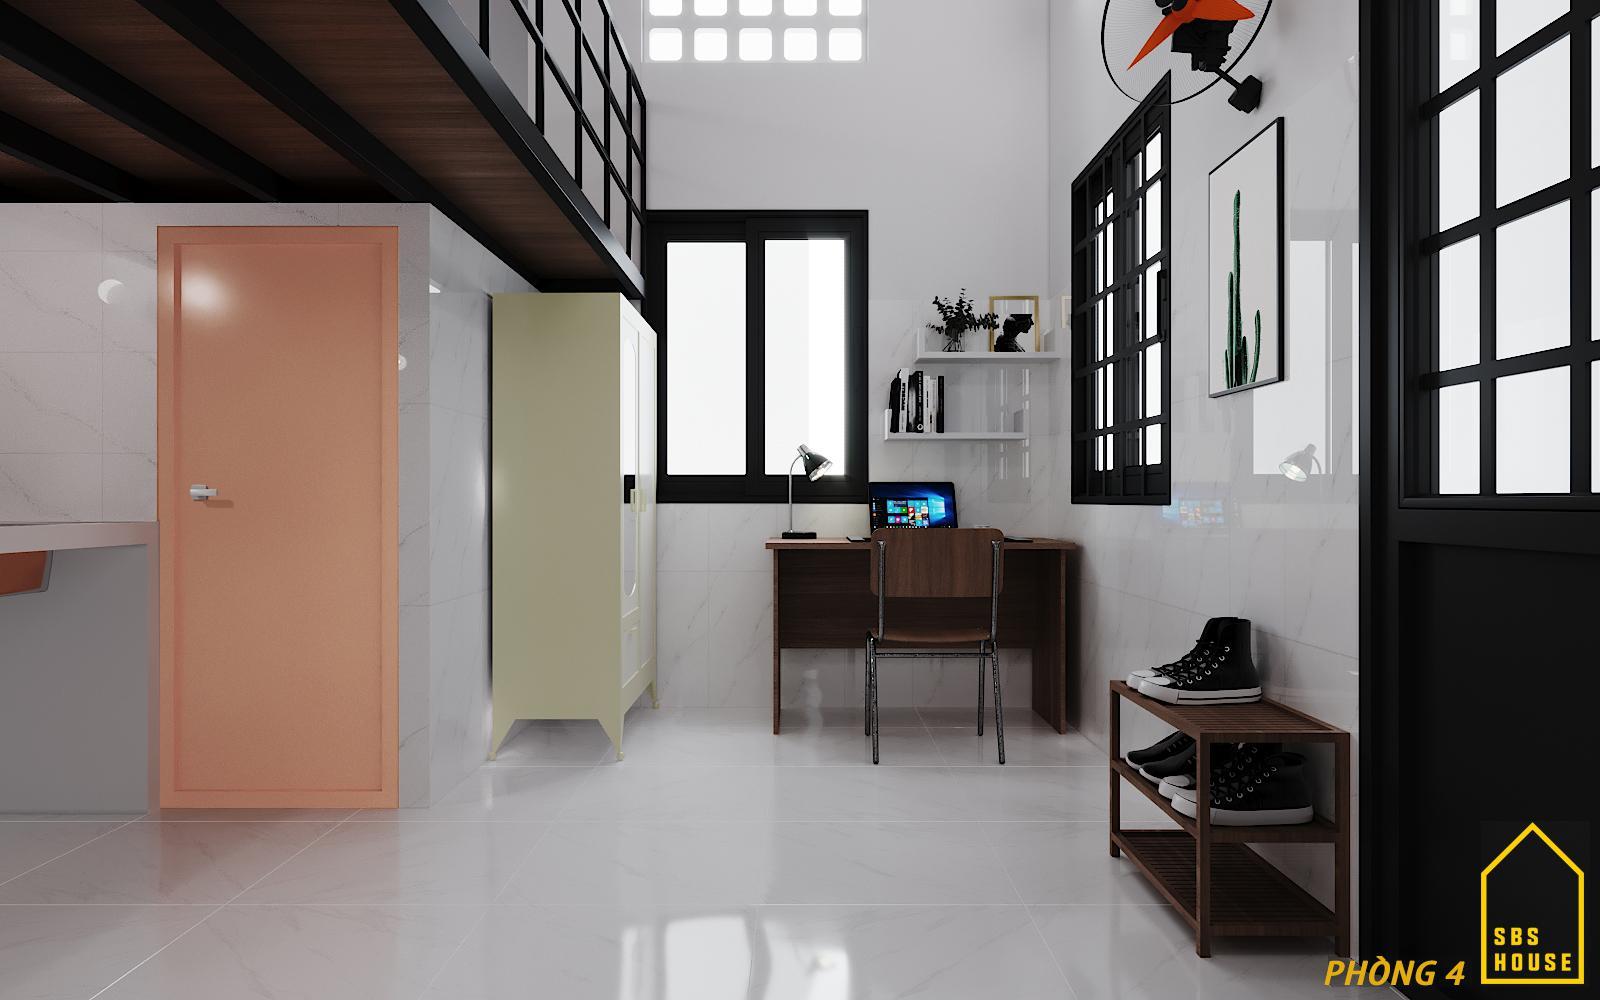 thiết kế phòng trọ 30m2